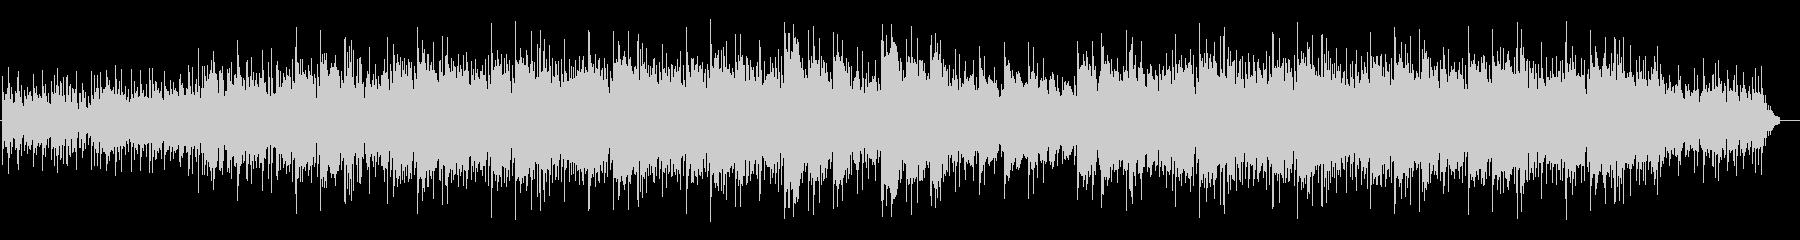 ミッドテンポのブラシドラム、アコー...の未再生の波形